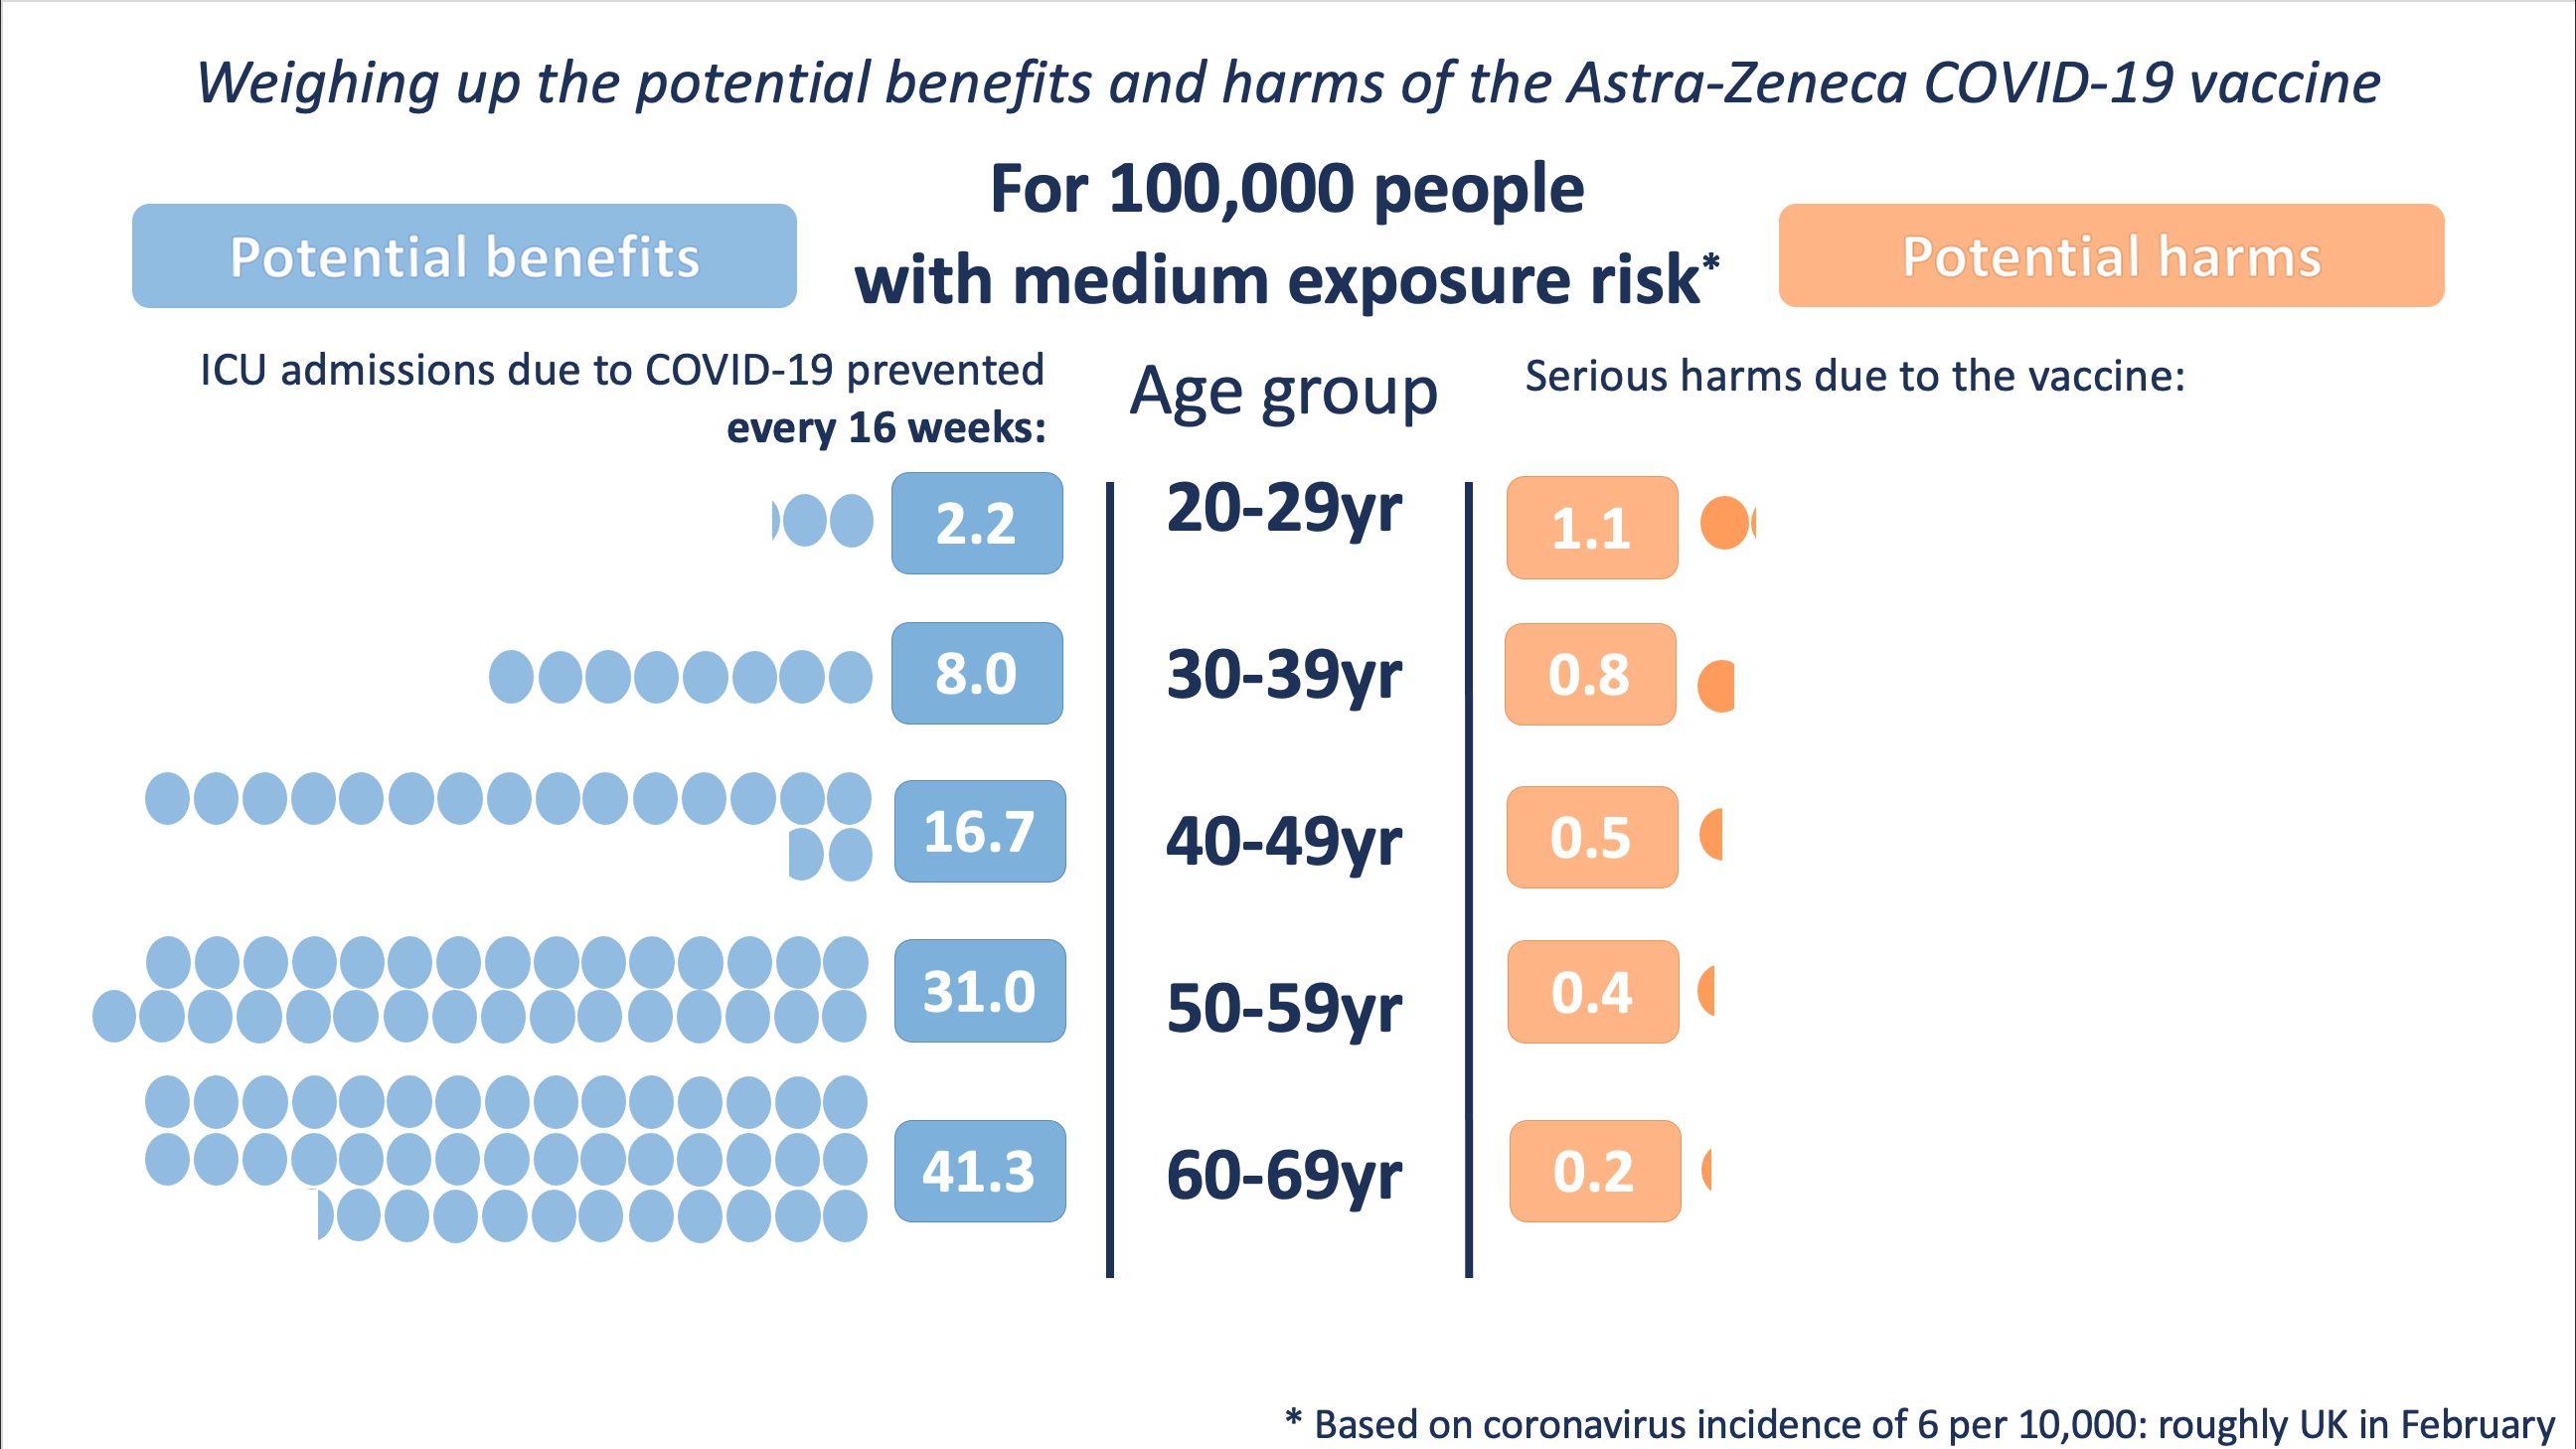 (Exposición media de riesgo) Balance de beneficios (izquierda) y riesgos (derecha) de la vacuna AZ en función de la edad   Winton Centre for Risk and Evidence Communication de la Universidad de Cambridge con datos de MHRA